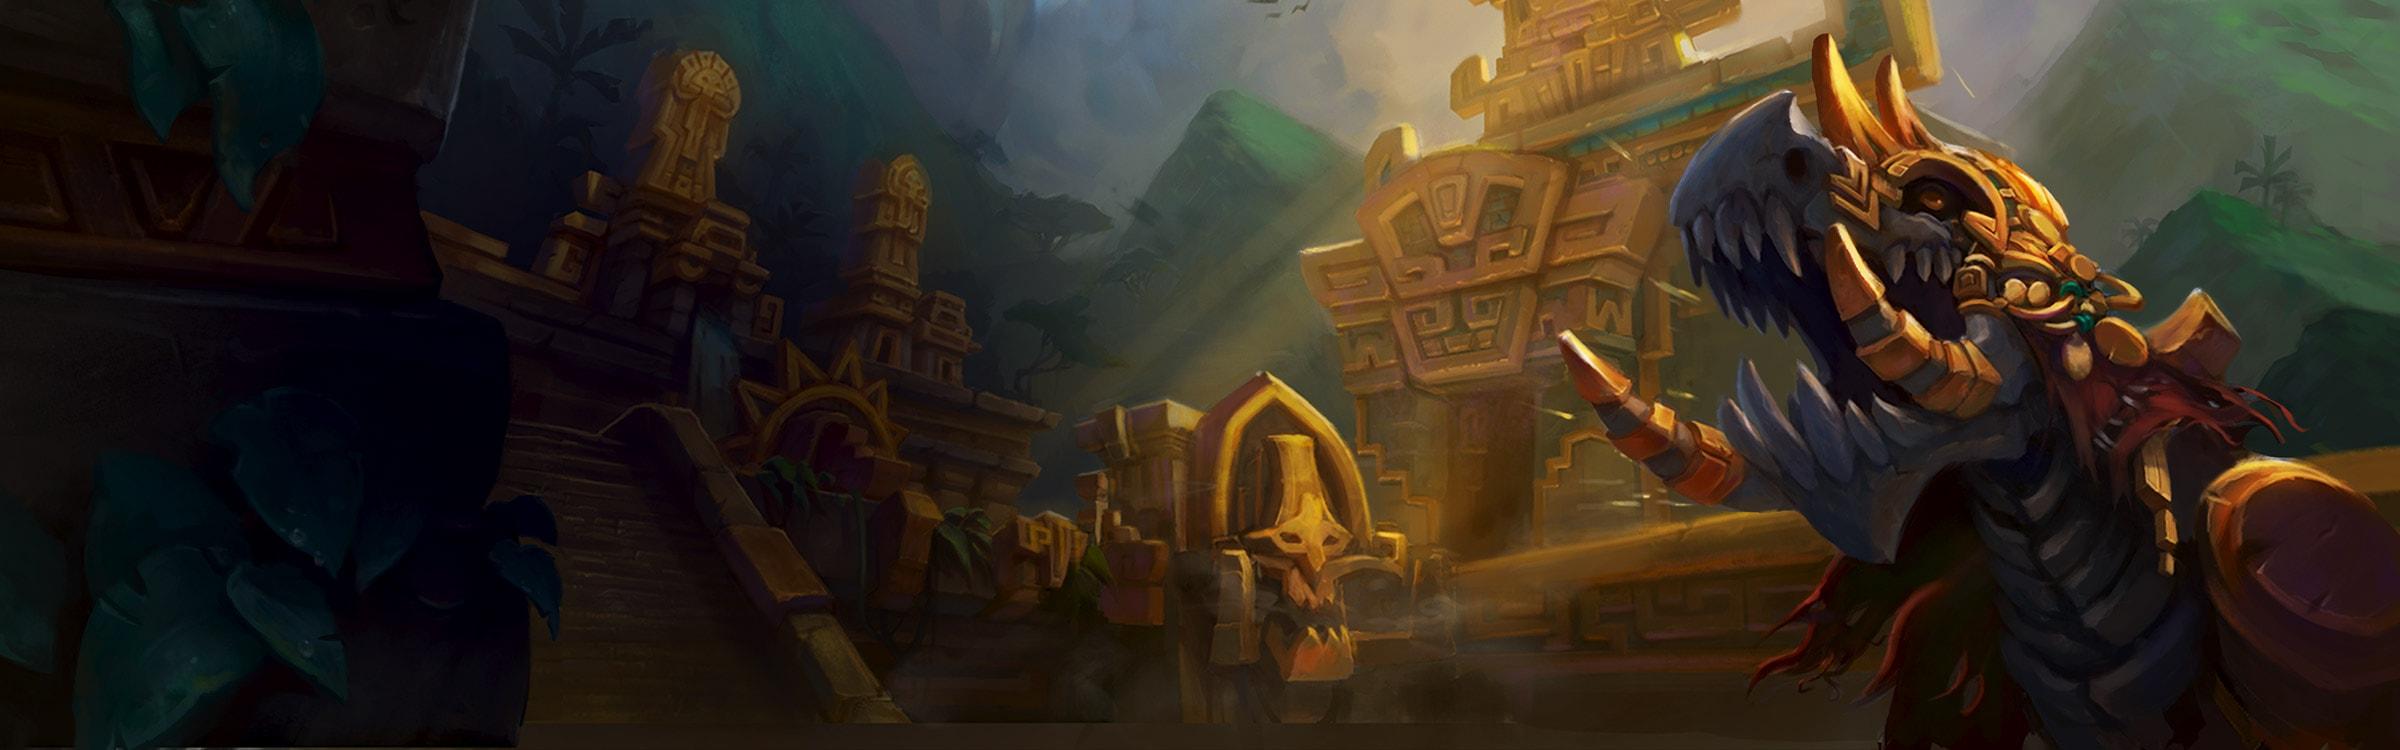 Atal'Dazar - Mythic Keystone Dungeon Leaderboards